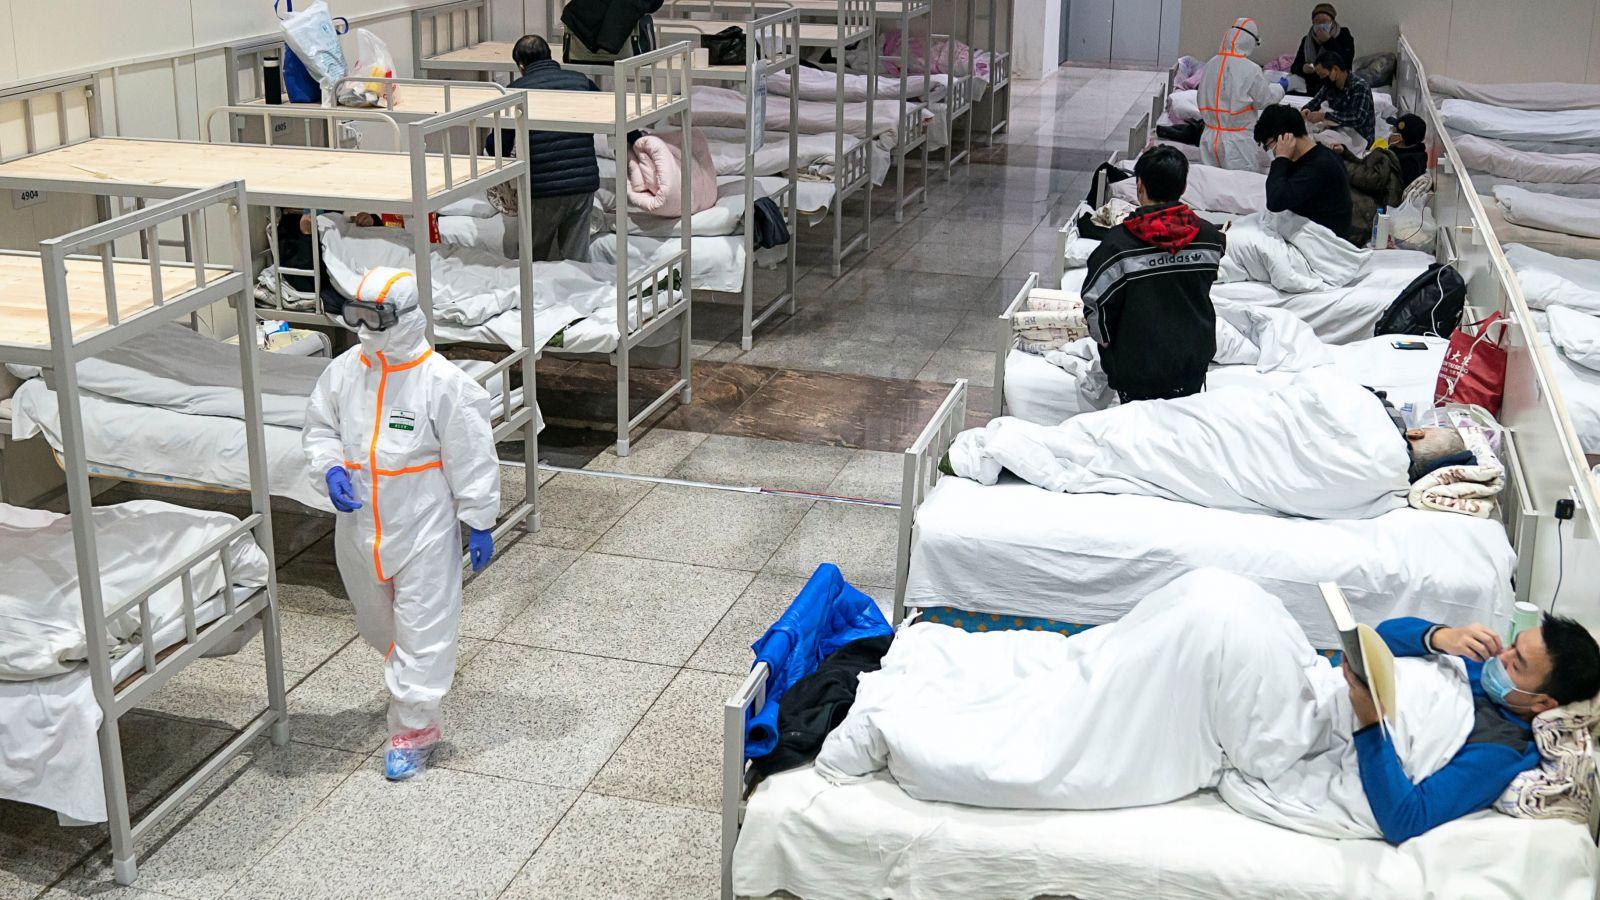 Коронавирус в Ухане мог появиться в августе 2019 года, – исследование